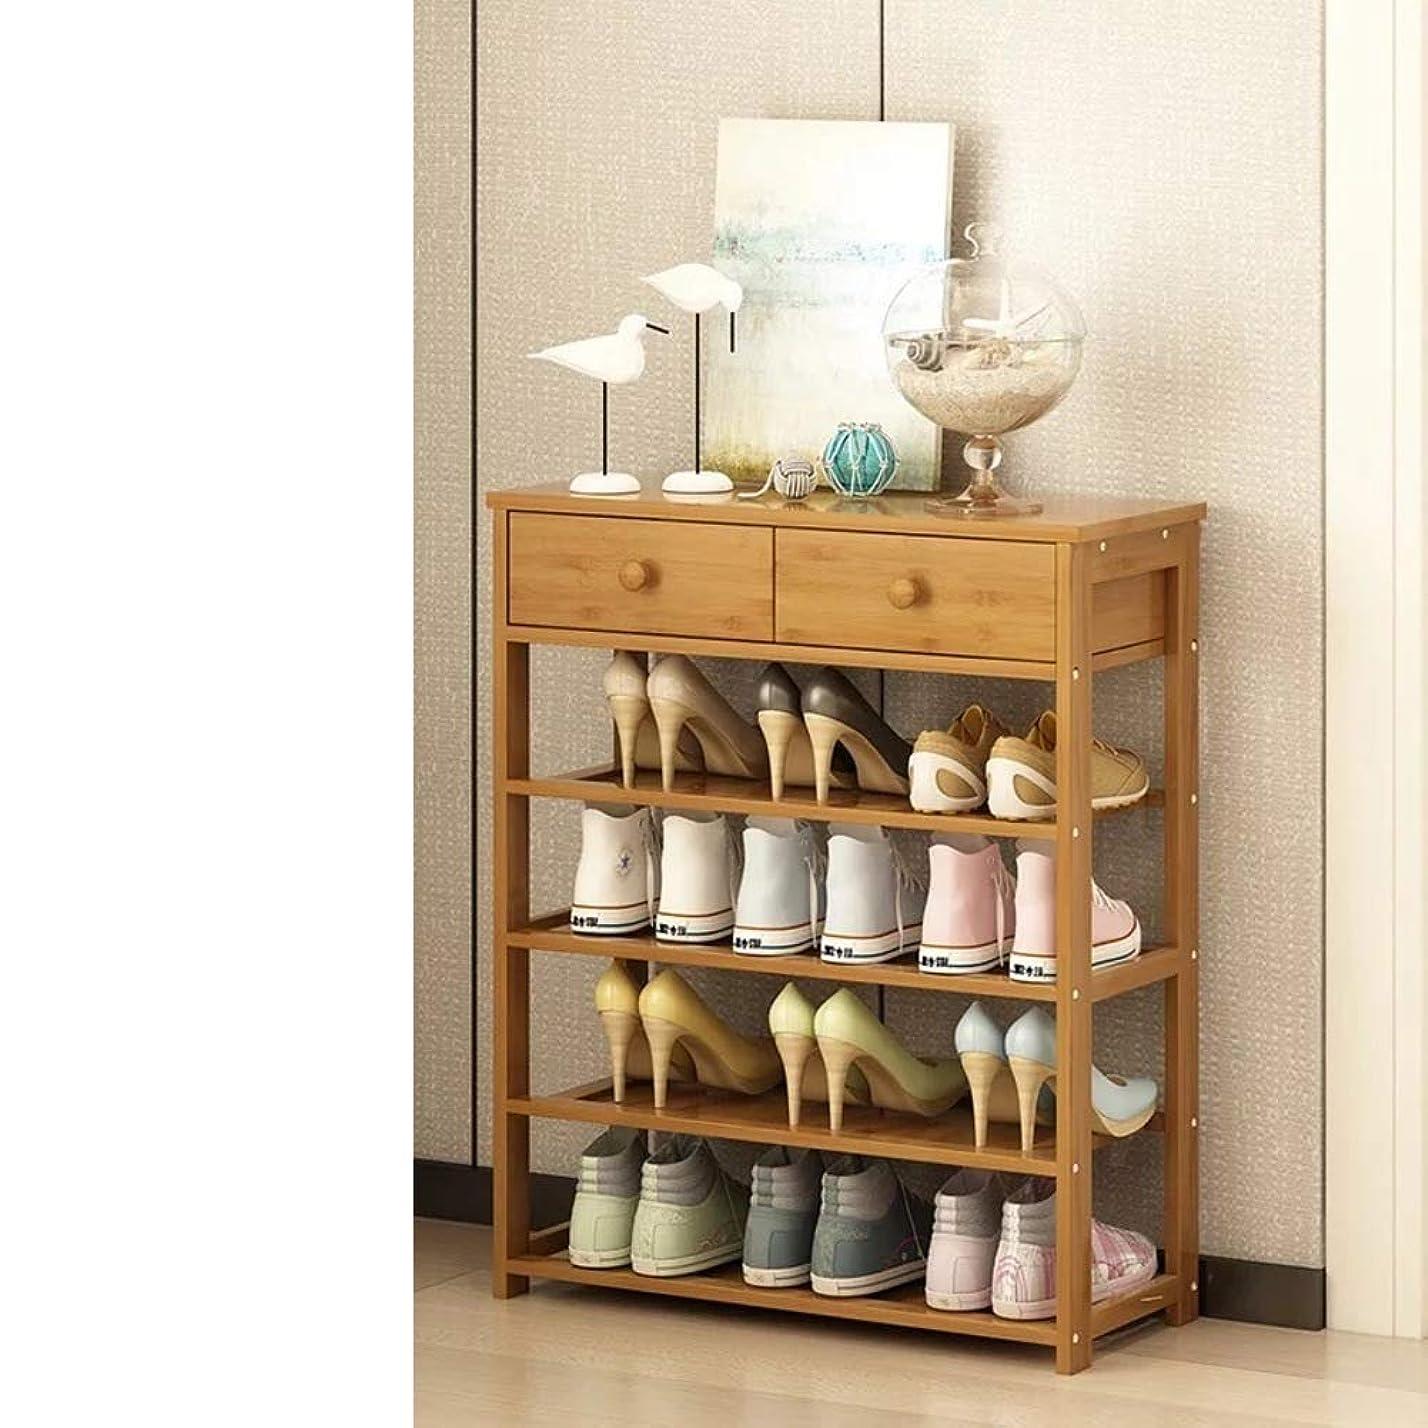 降下拡散する成熟な 靴箱 引き出し付き,多機能世帯 靴のキャビネット 固体木製組立 靴オーガナイザー 靴だな-g 70x25x75cm(28x10x30inch)